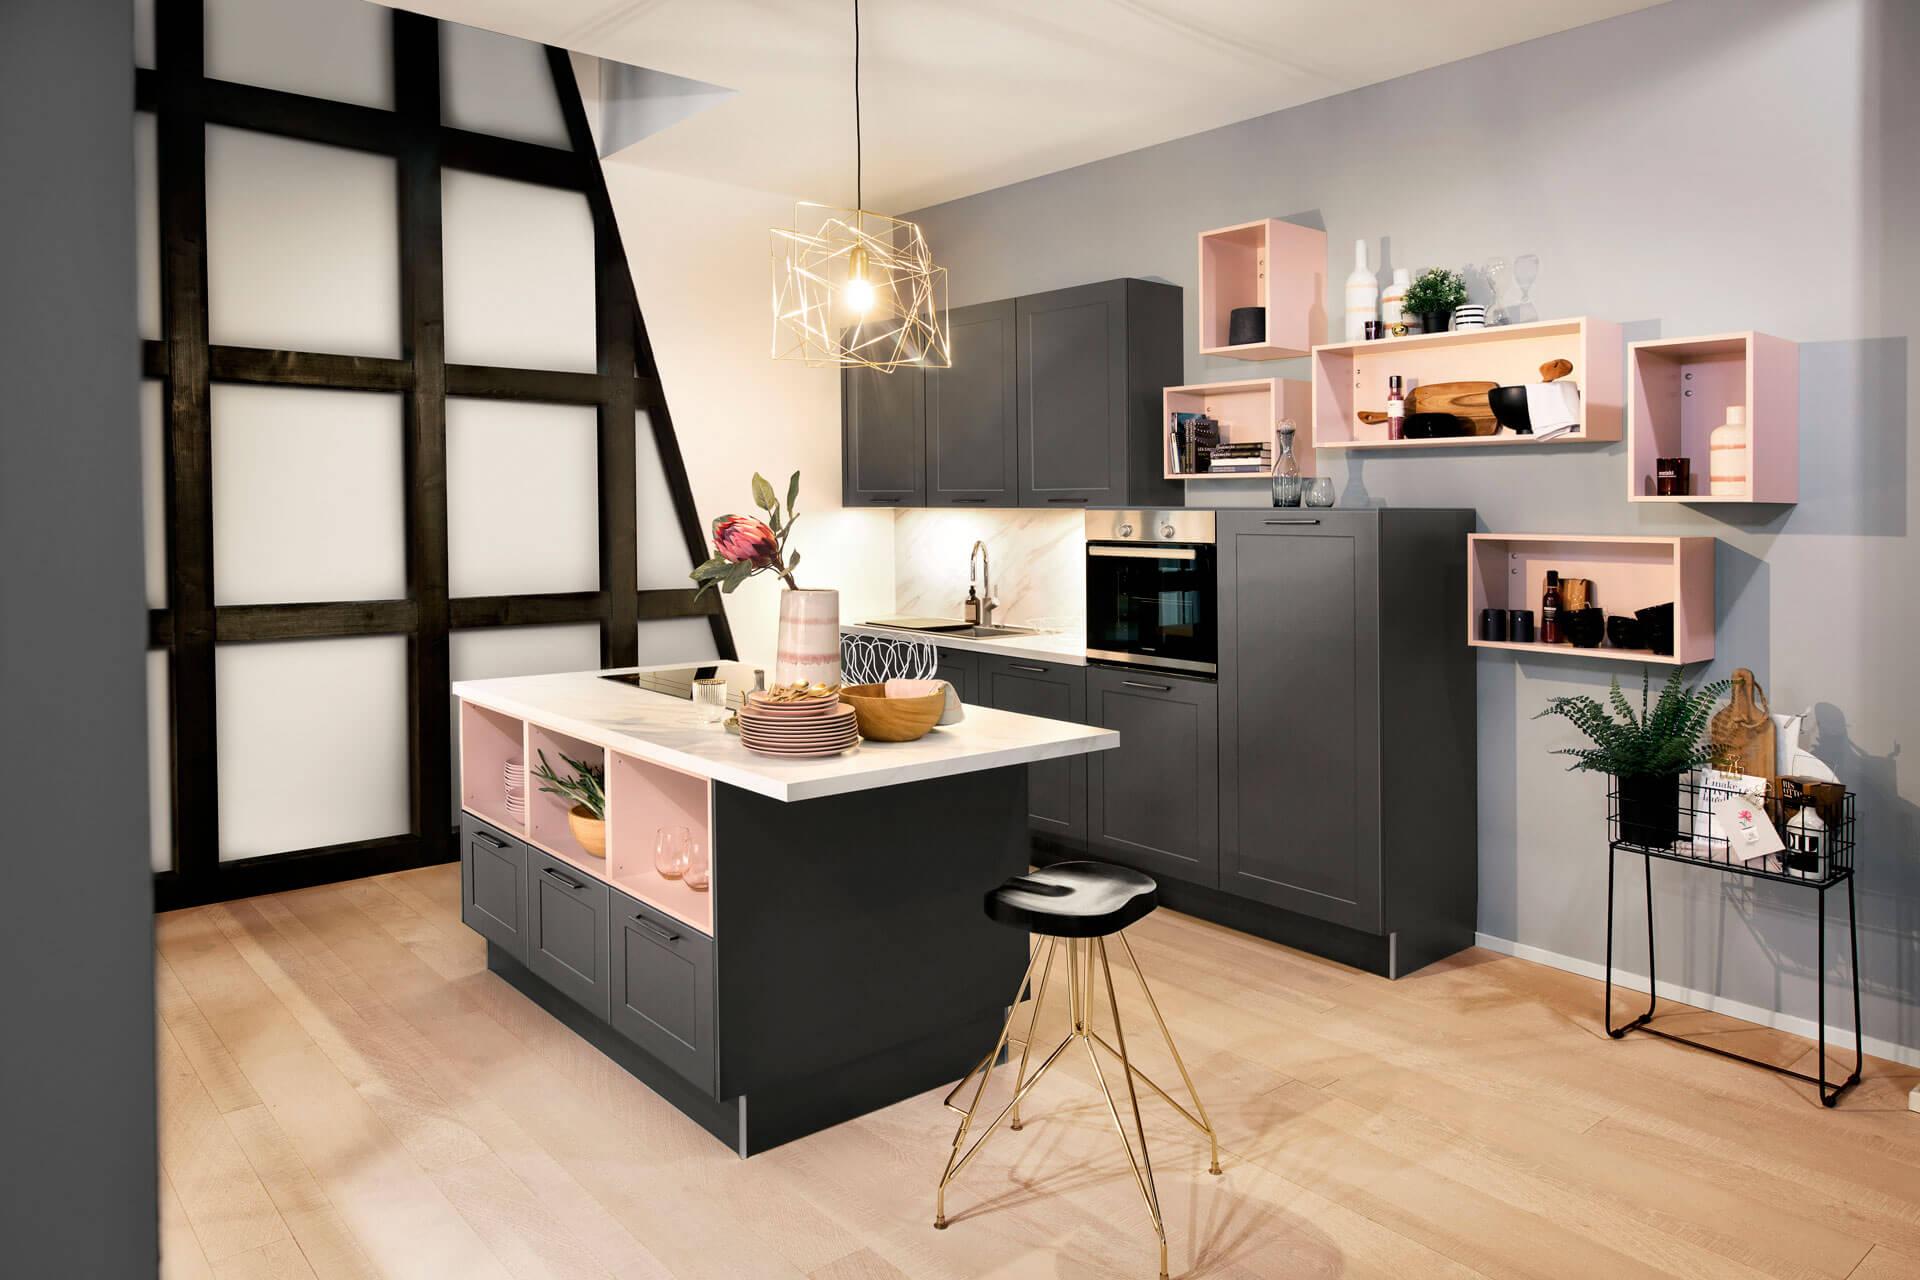 les couleurs tendances 2019 pour les cuisines ai. Black Bedroom Furniture Sets. Home Design Ideas